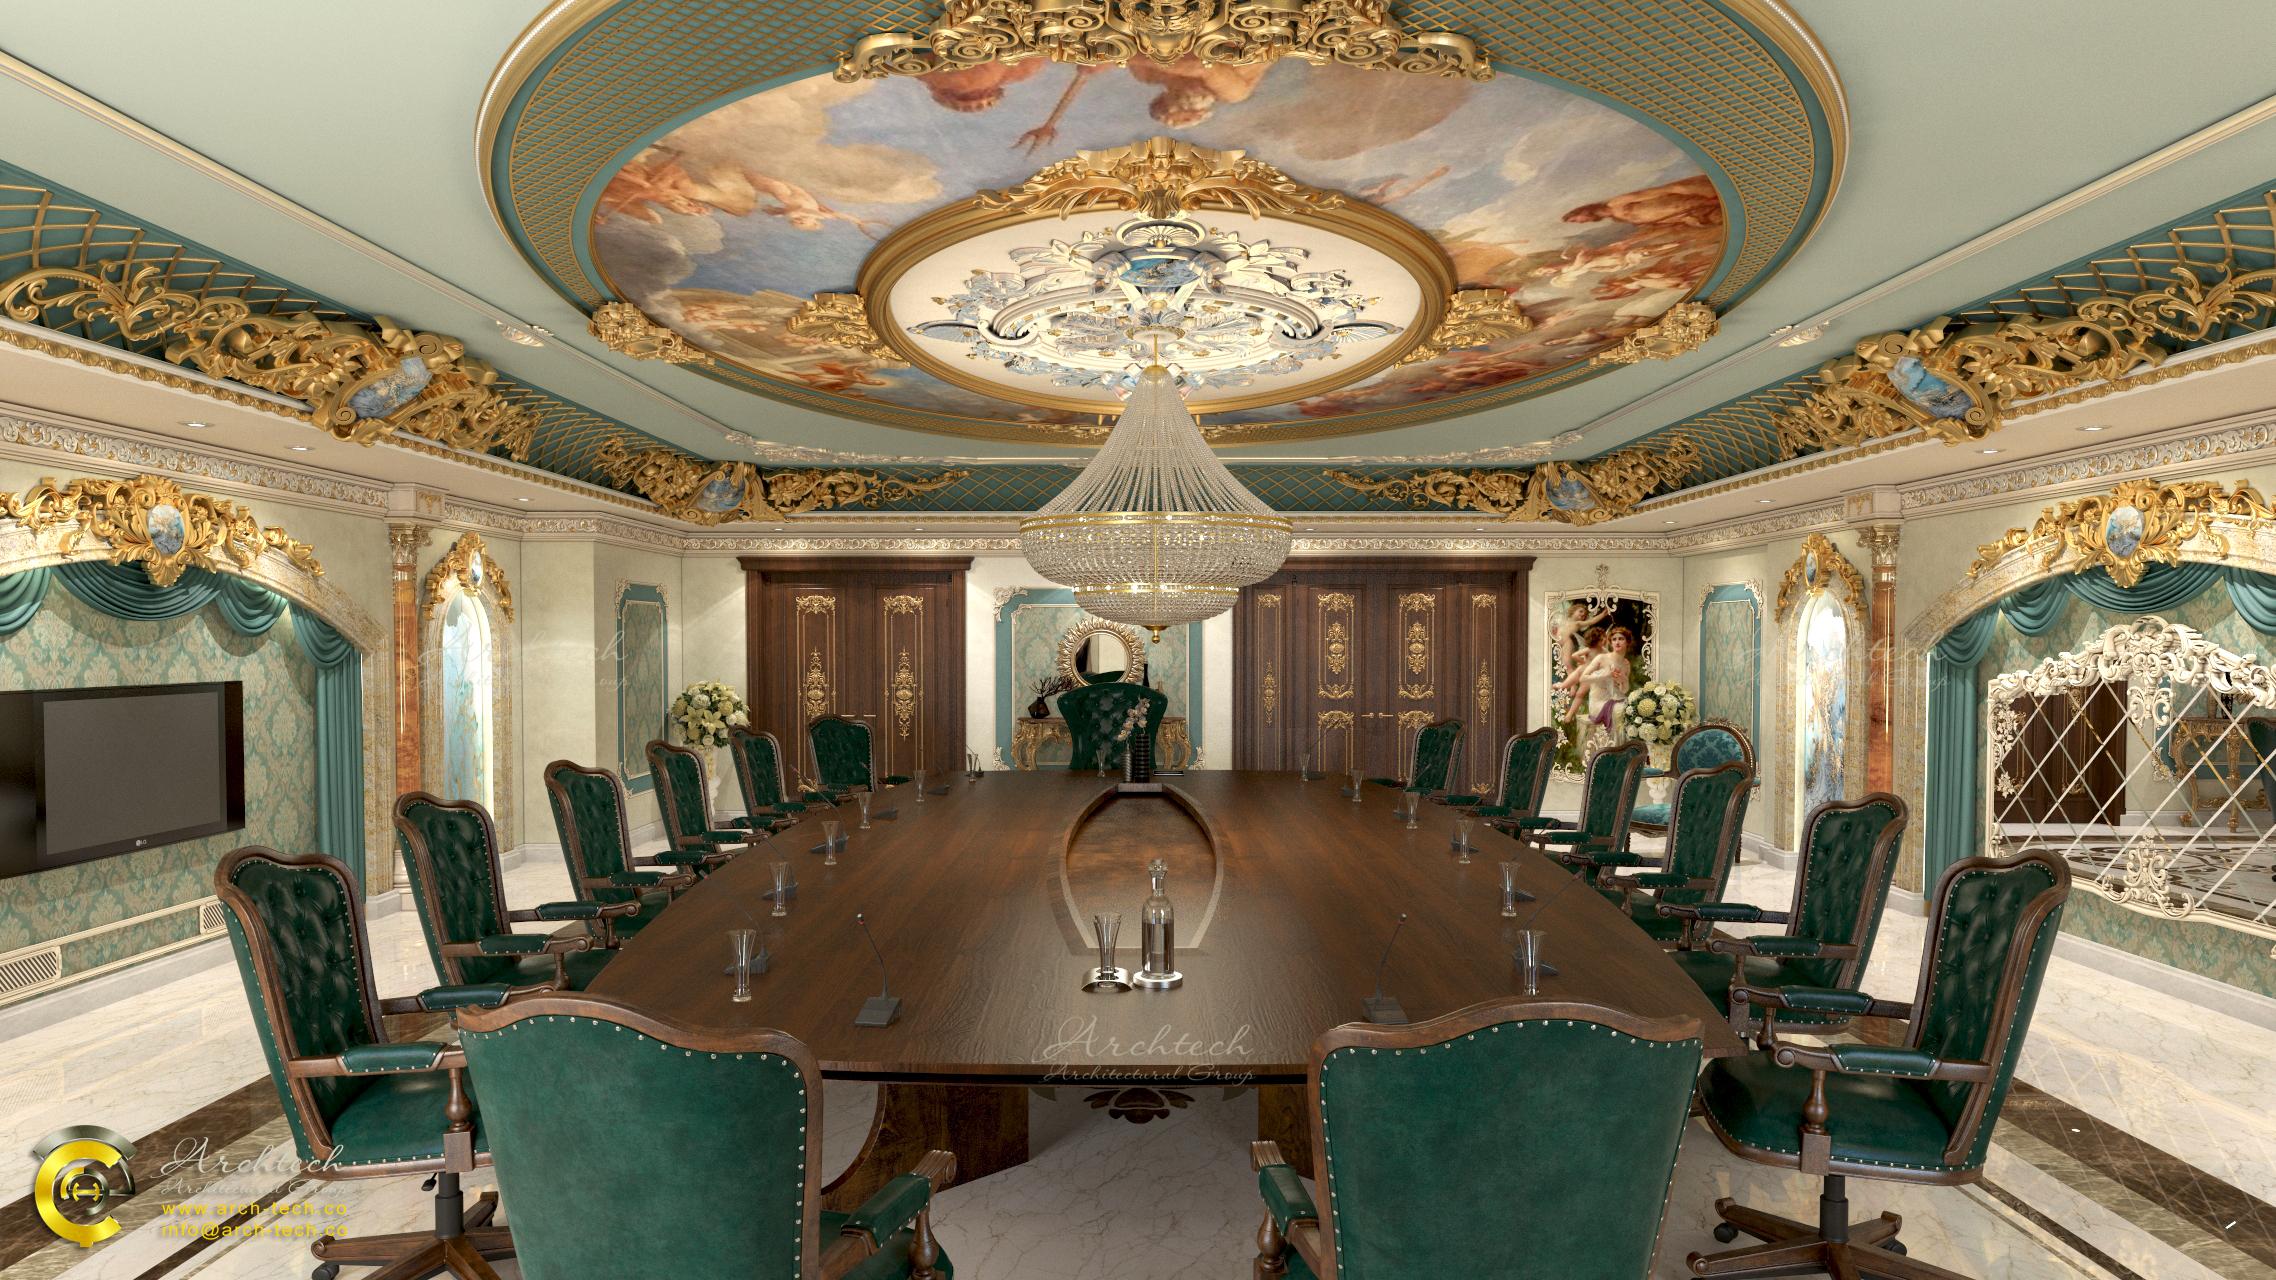 سالن کنفرانس VIP با سبک کلاسیک-گروه معماری آرک تک